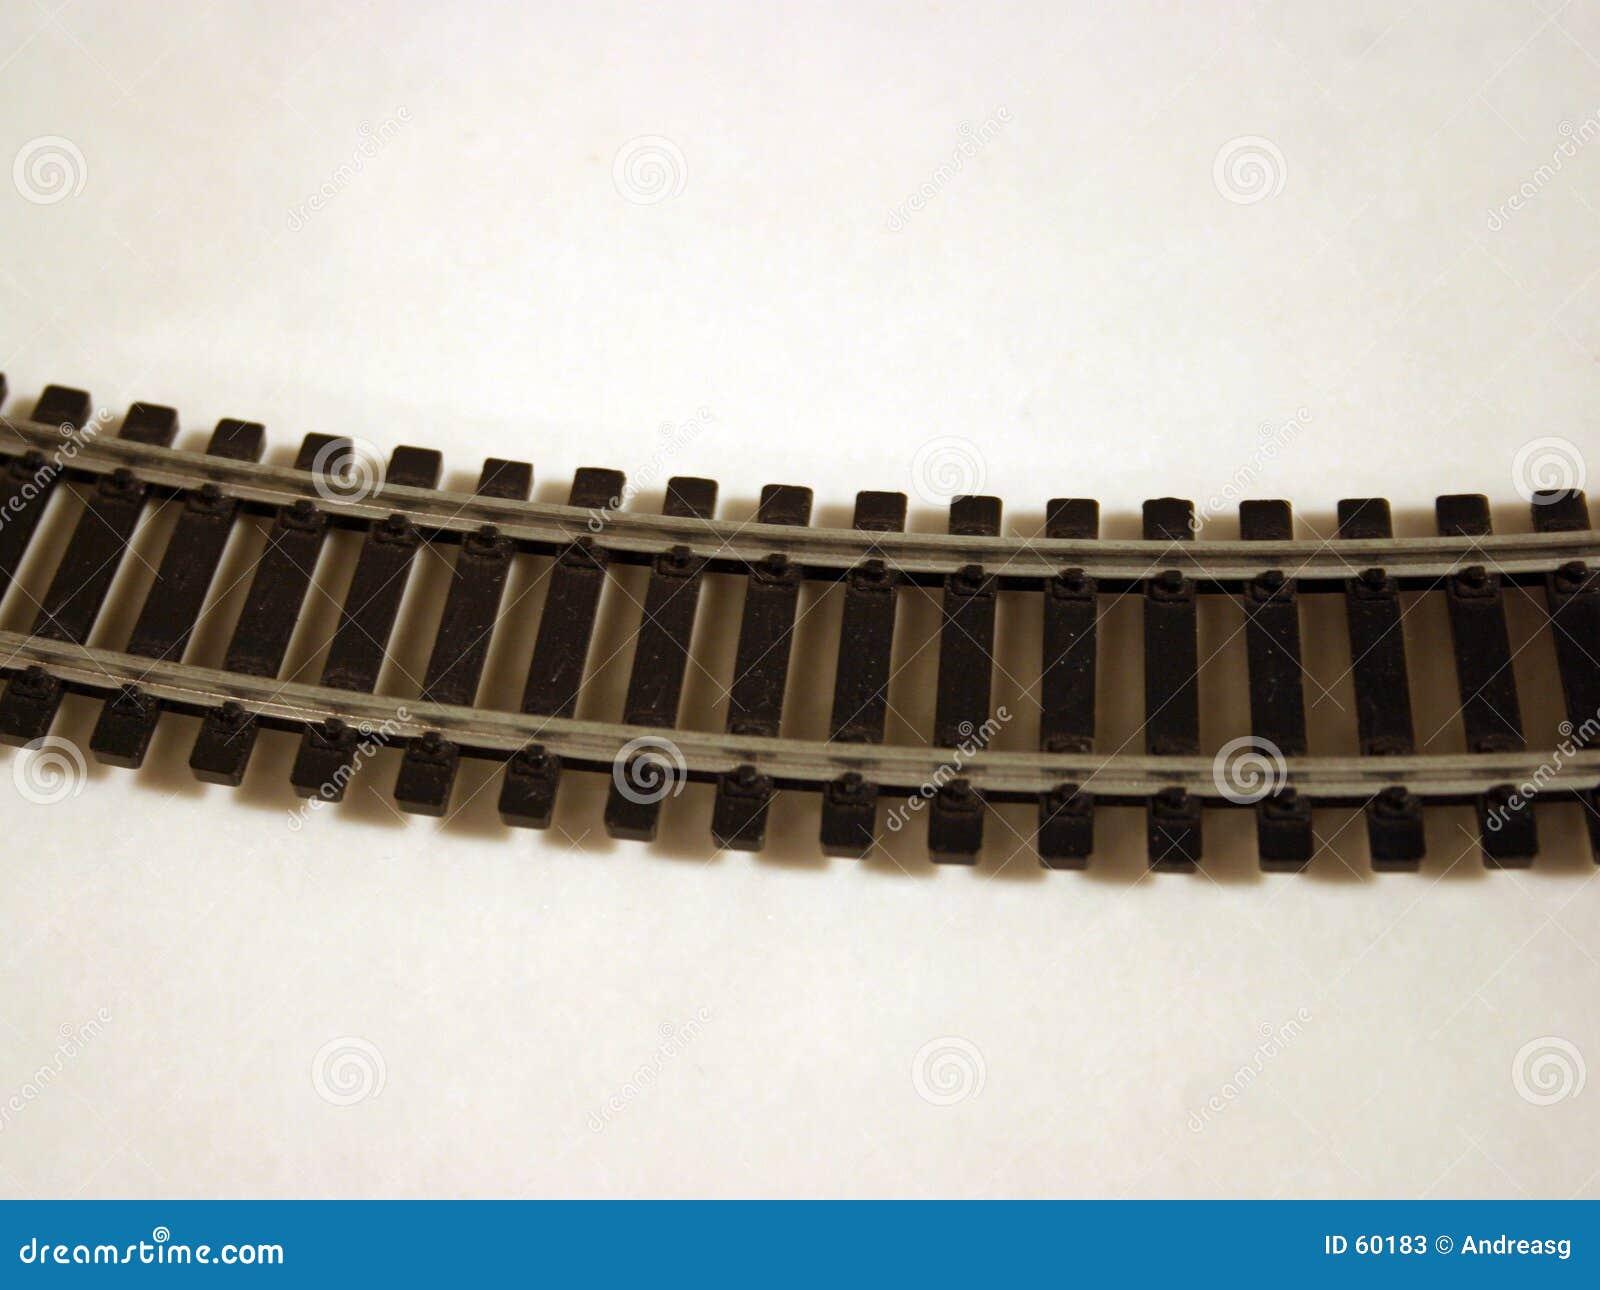 Download Voie ferrée image stock. Image du train, modèles, reproduction - 60183